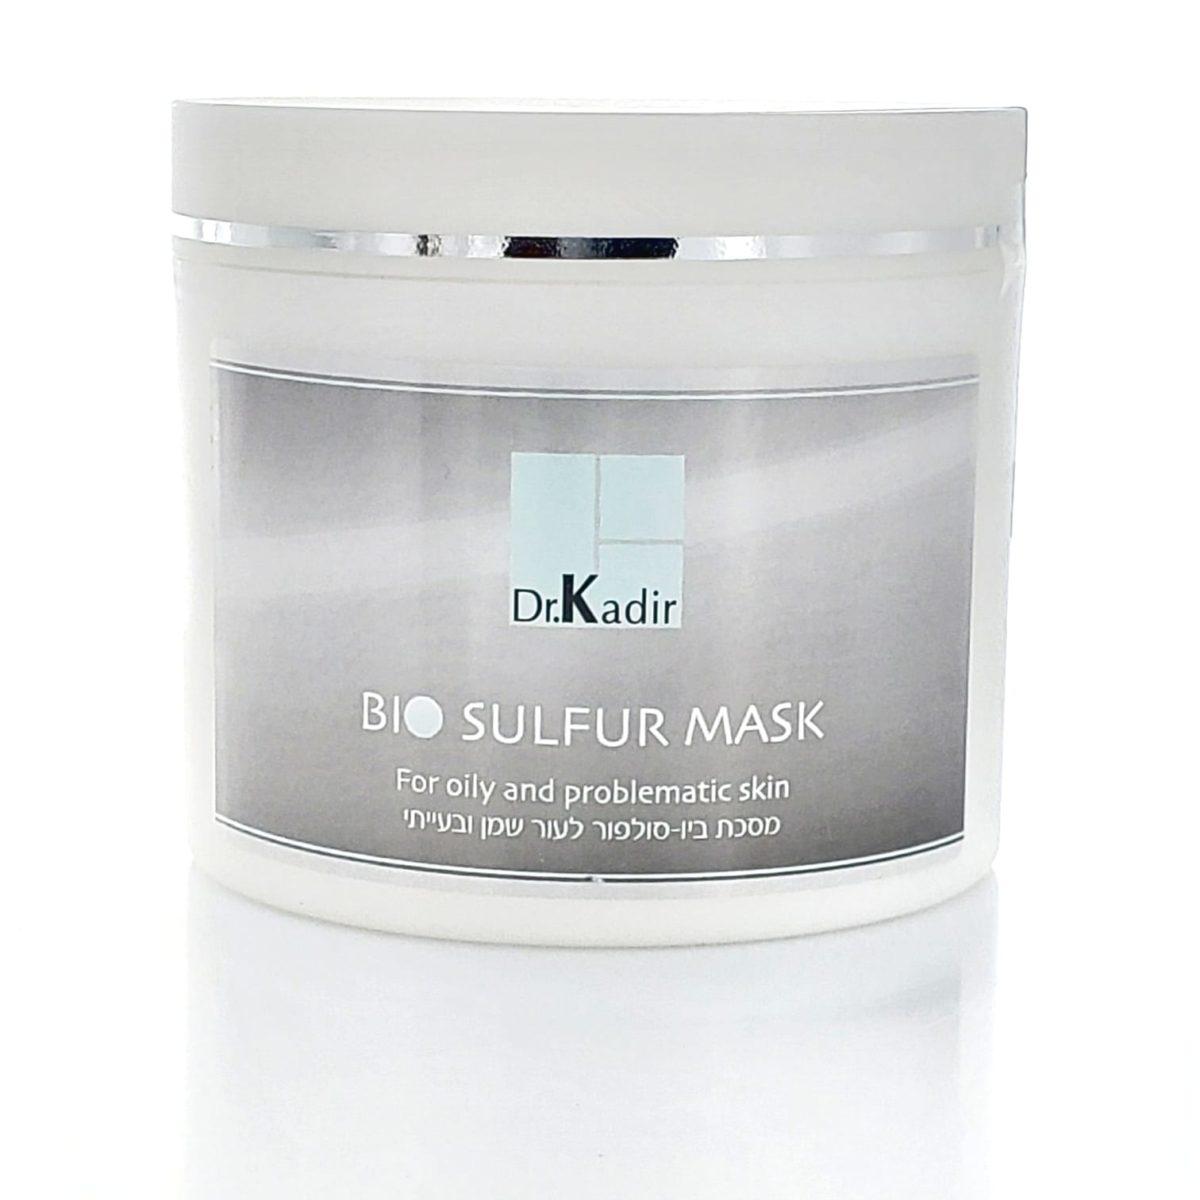 Bio-sulfur mask